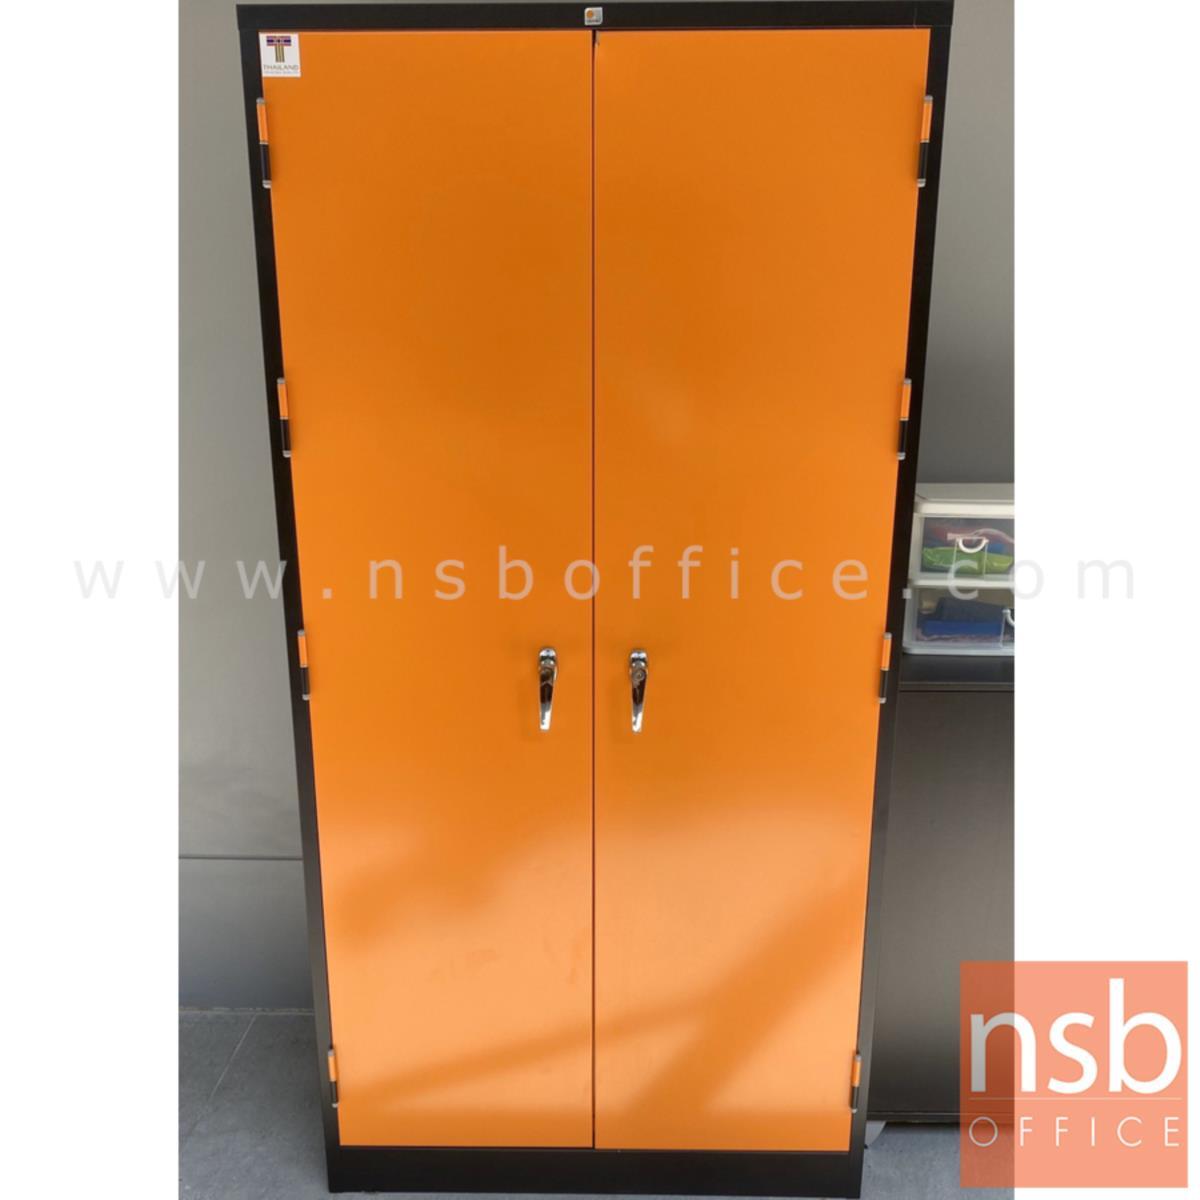 ตู้เก็บเครื่องมือช่าง 2 บานเปิดสูง (ด้านใน 2 ลิ้นชัก) มีรูแขวนอุปกรณ์ MCB720